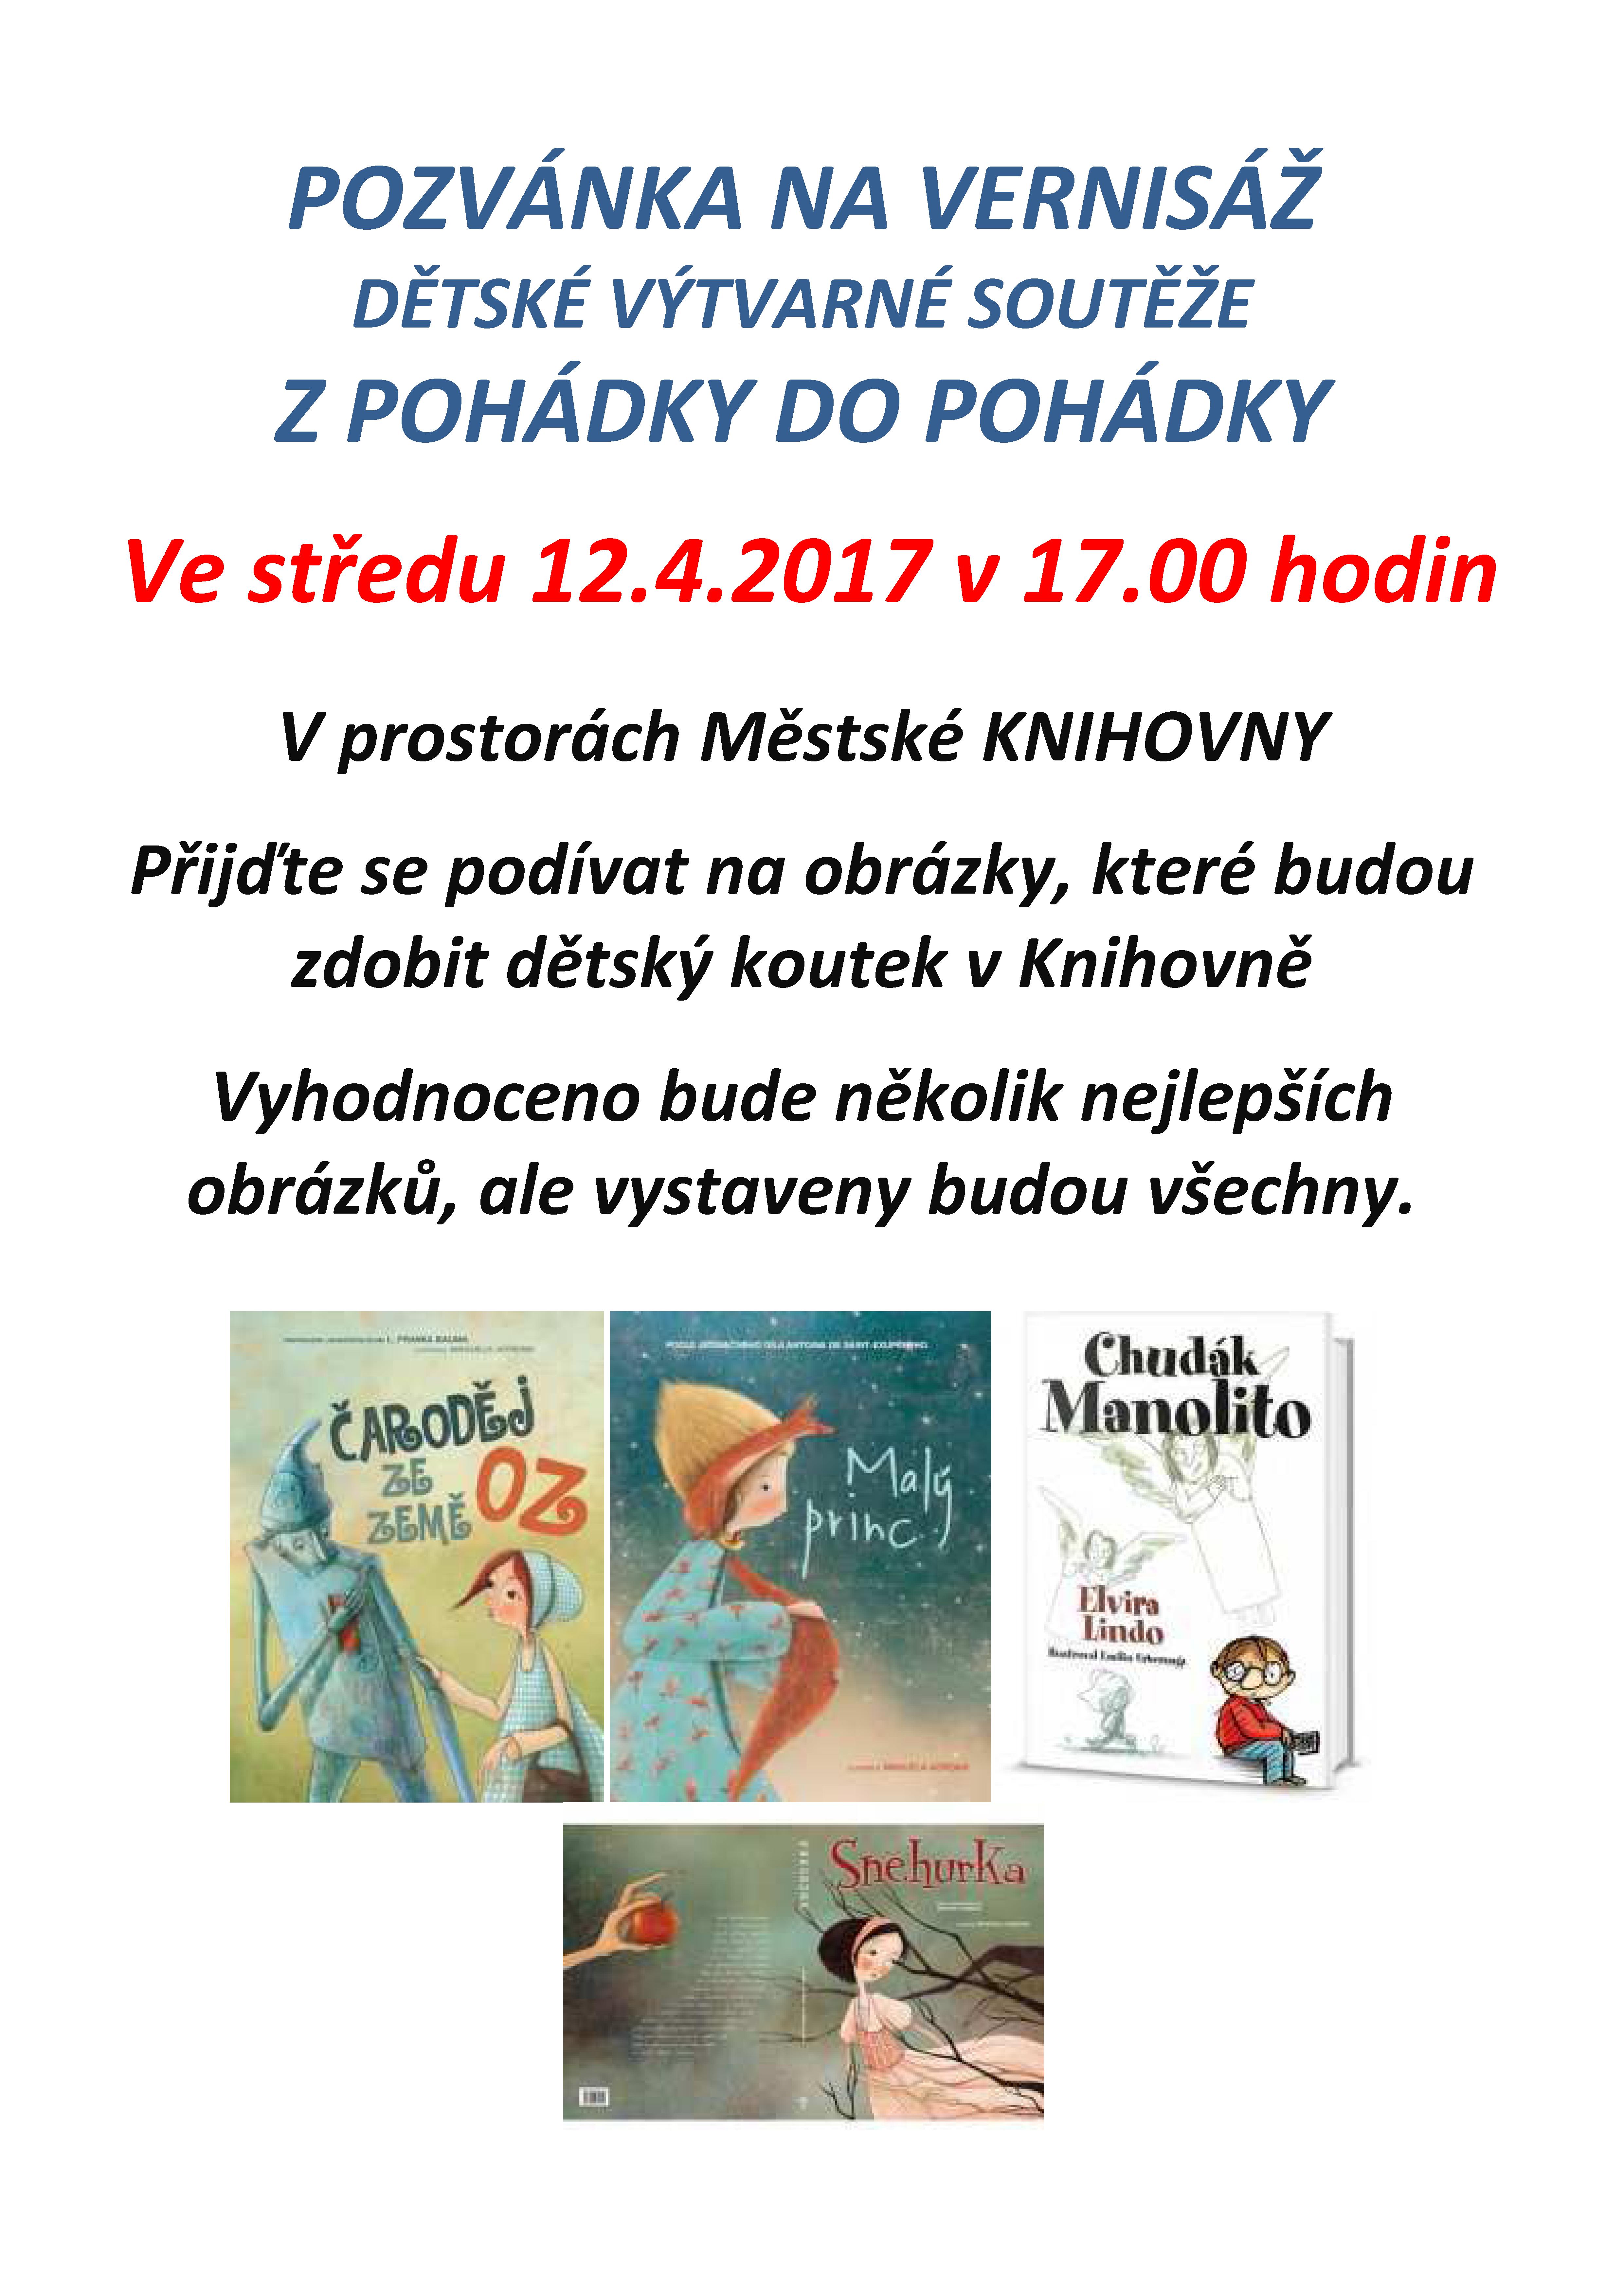 20170410 VERNISÁŽ Z POHÁDKY DO POHÁDKY 12.4.2017